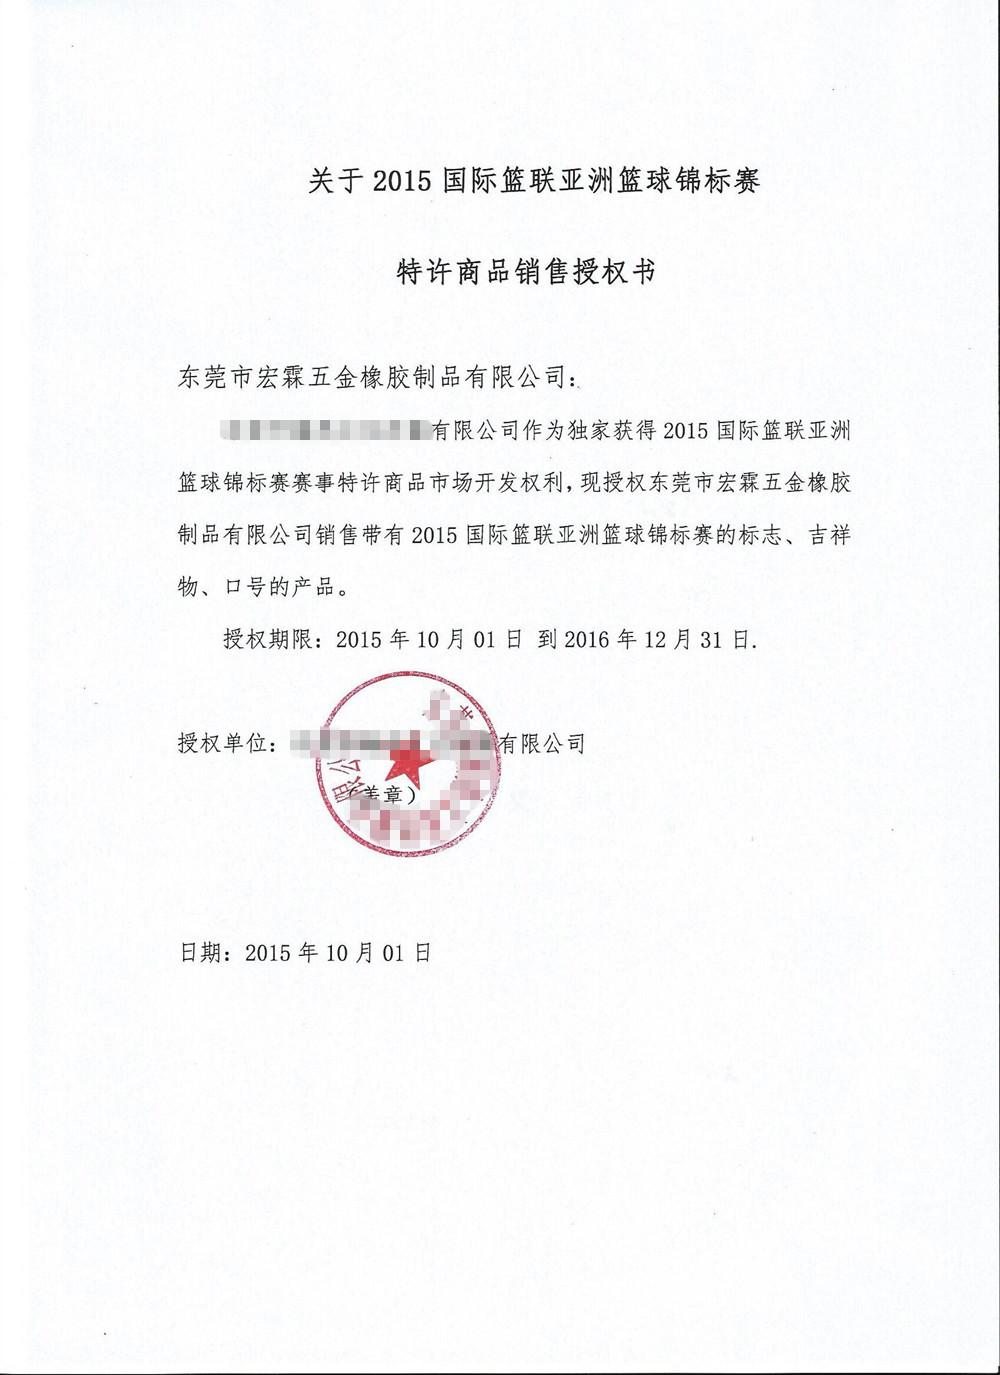 2015年世界篮球亚洲锦标赛授权书